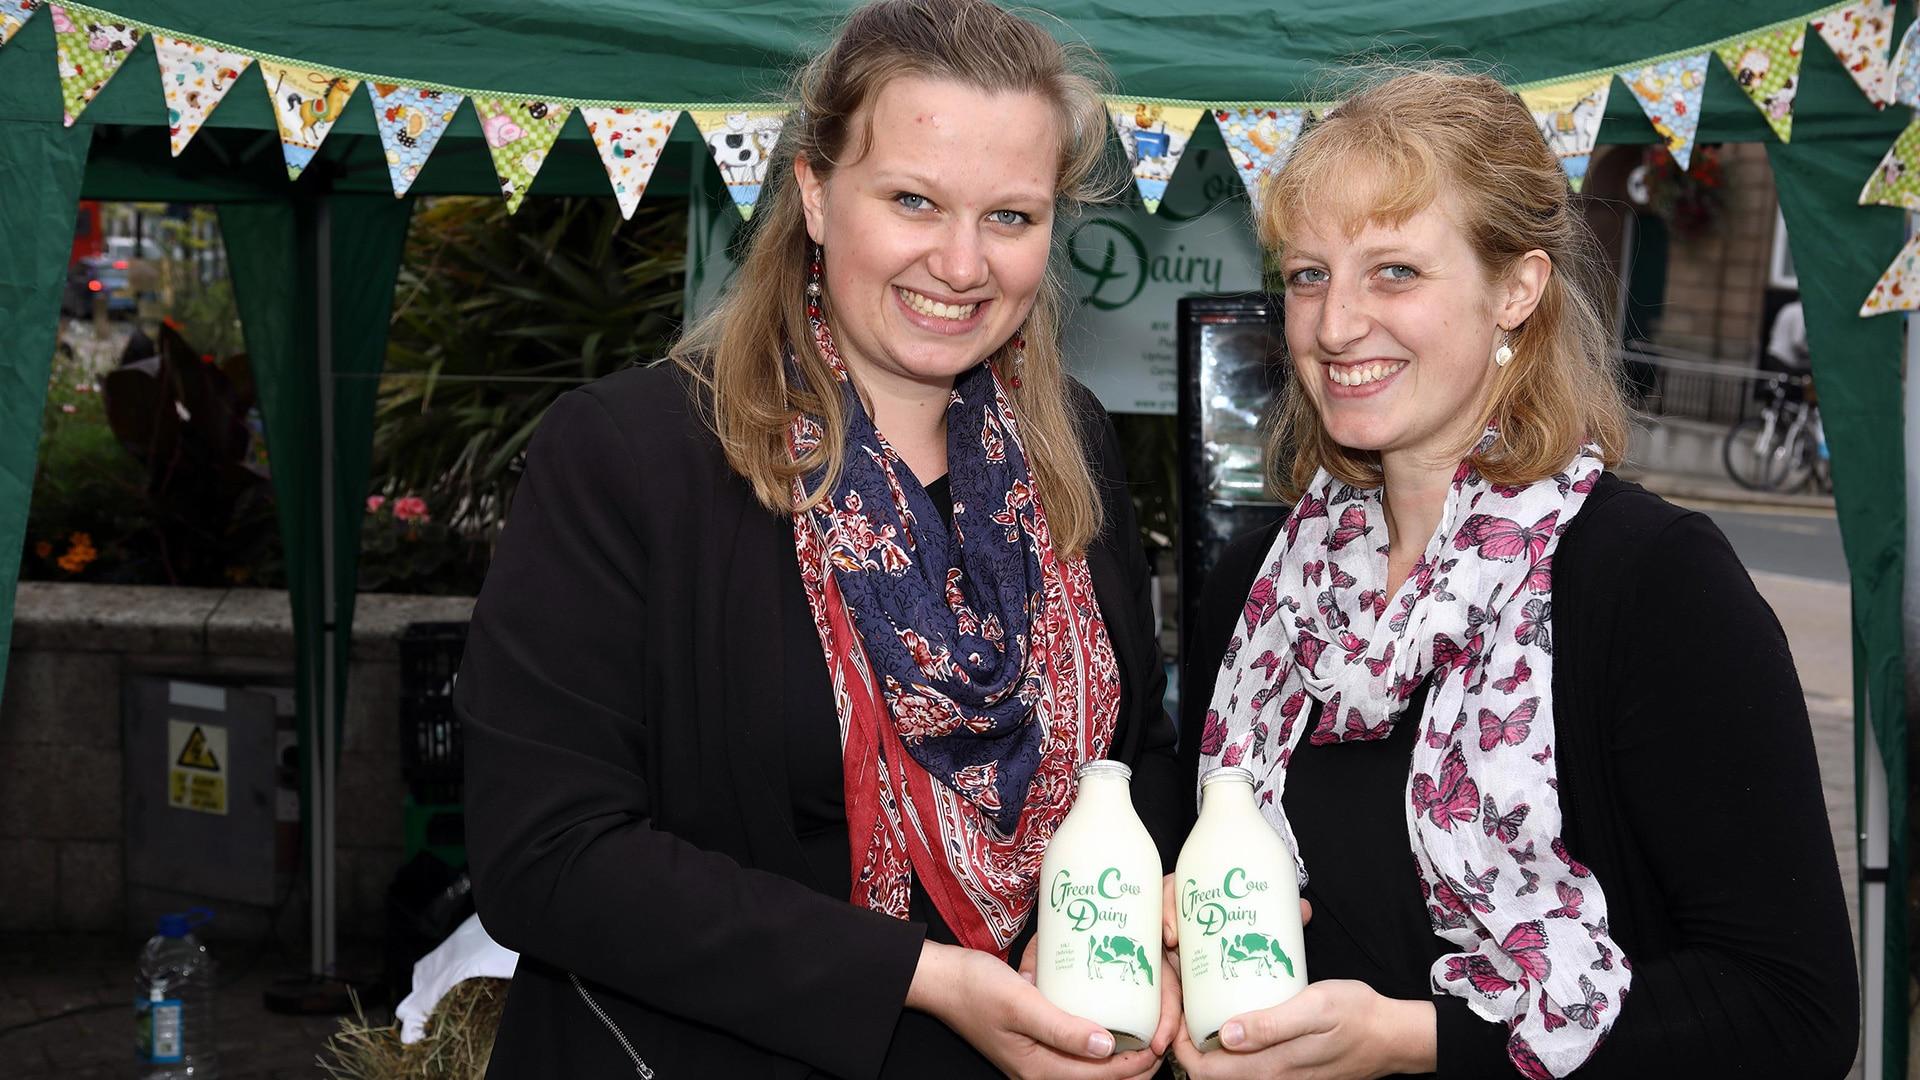 Isobelle and her sister at the lively Ploughmans Festival in Liskeard